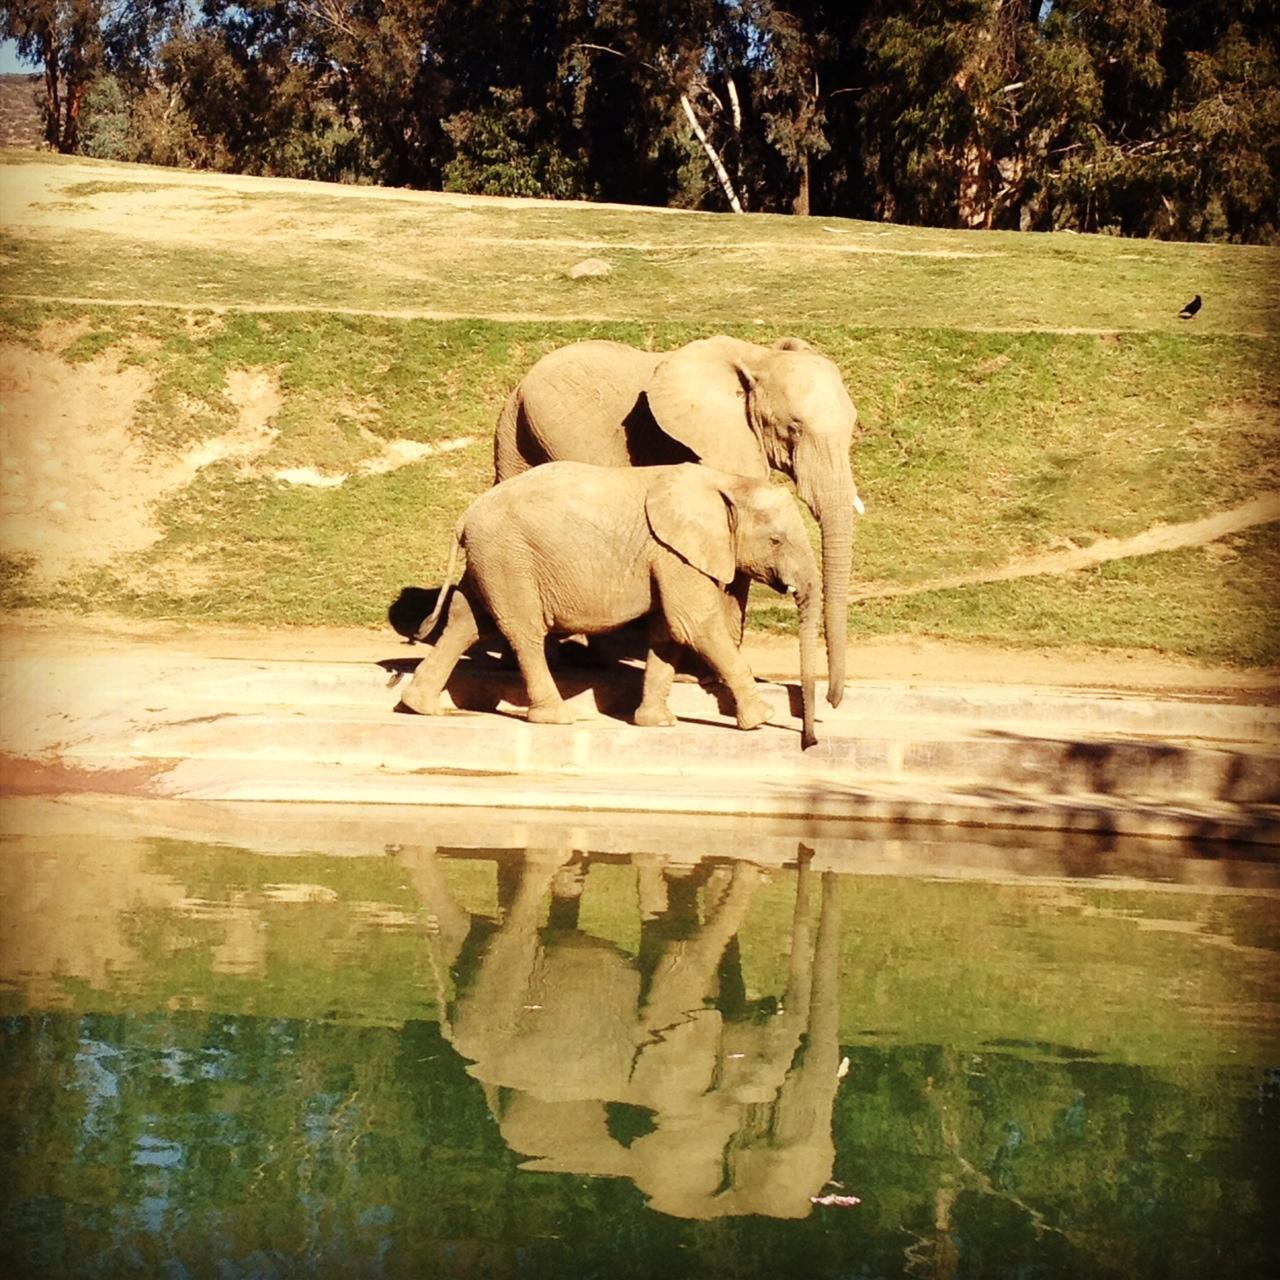 elephants-WhatWouldGwynethDo